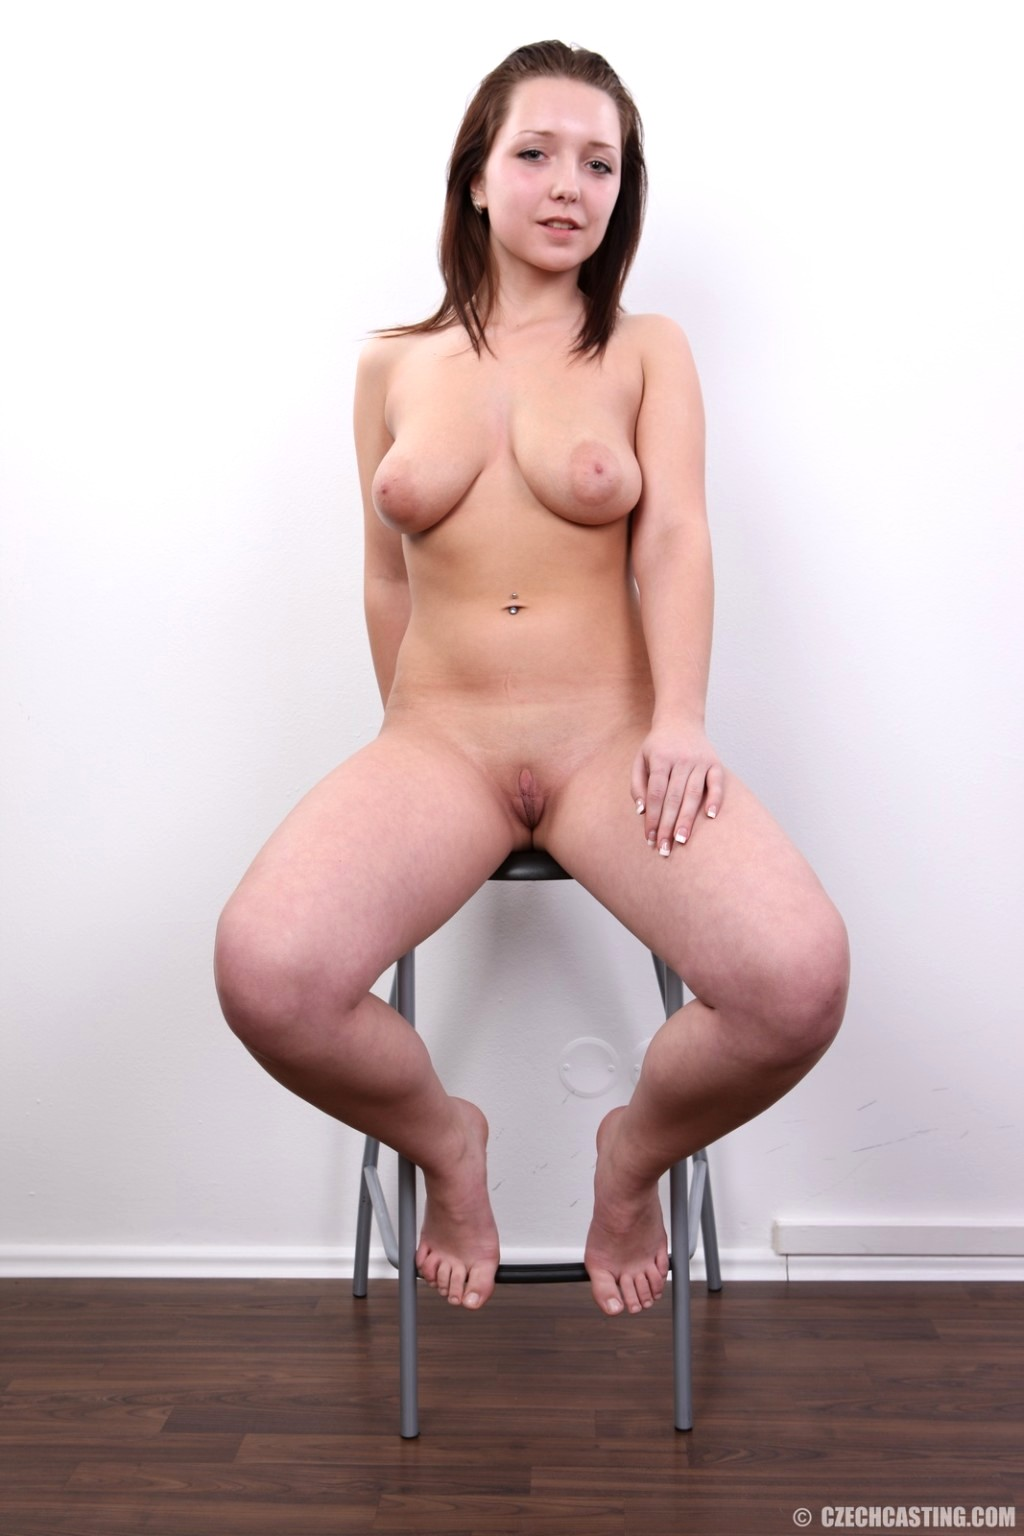 Milf wife porn